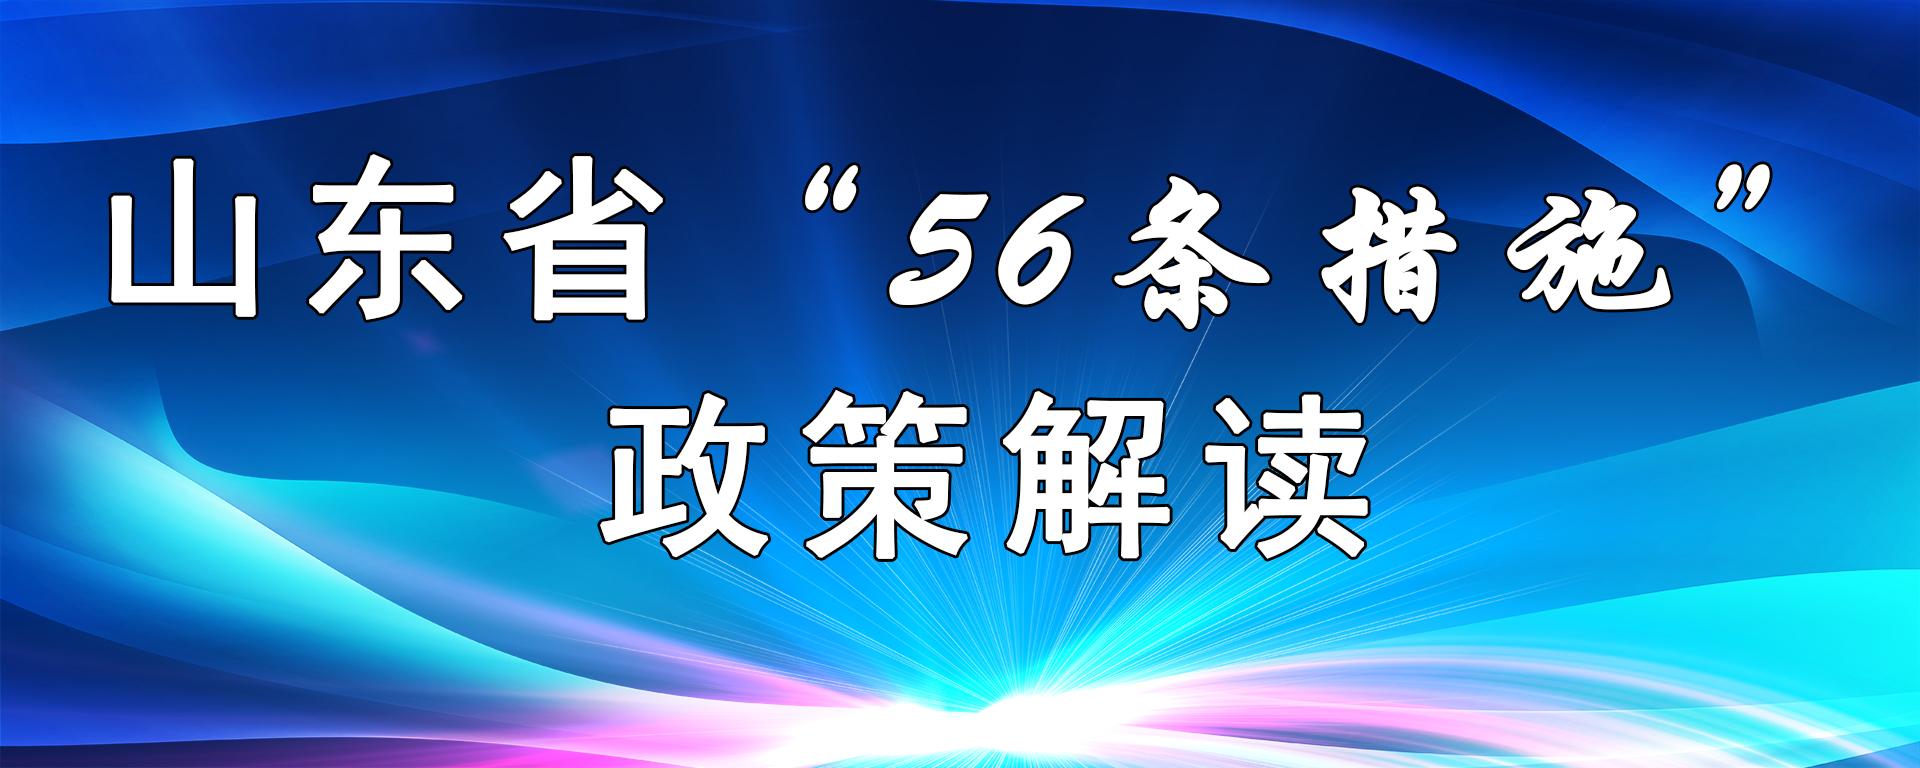 山东56条政策解读.jpg